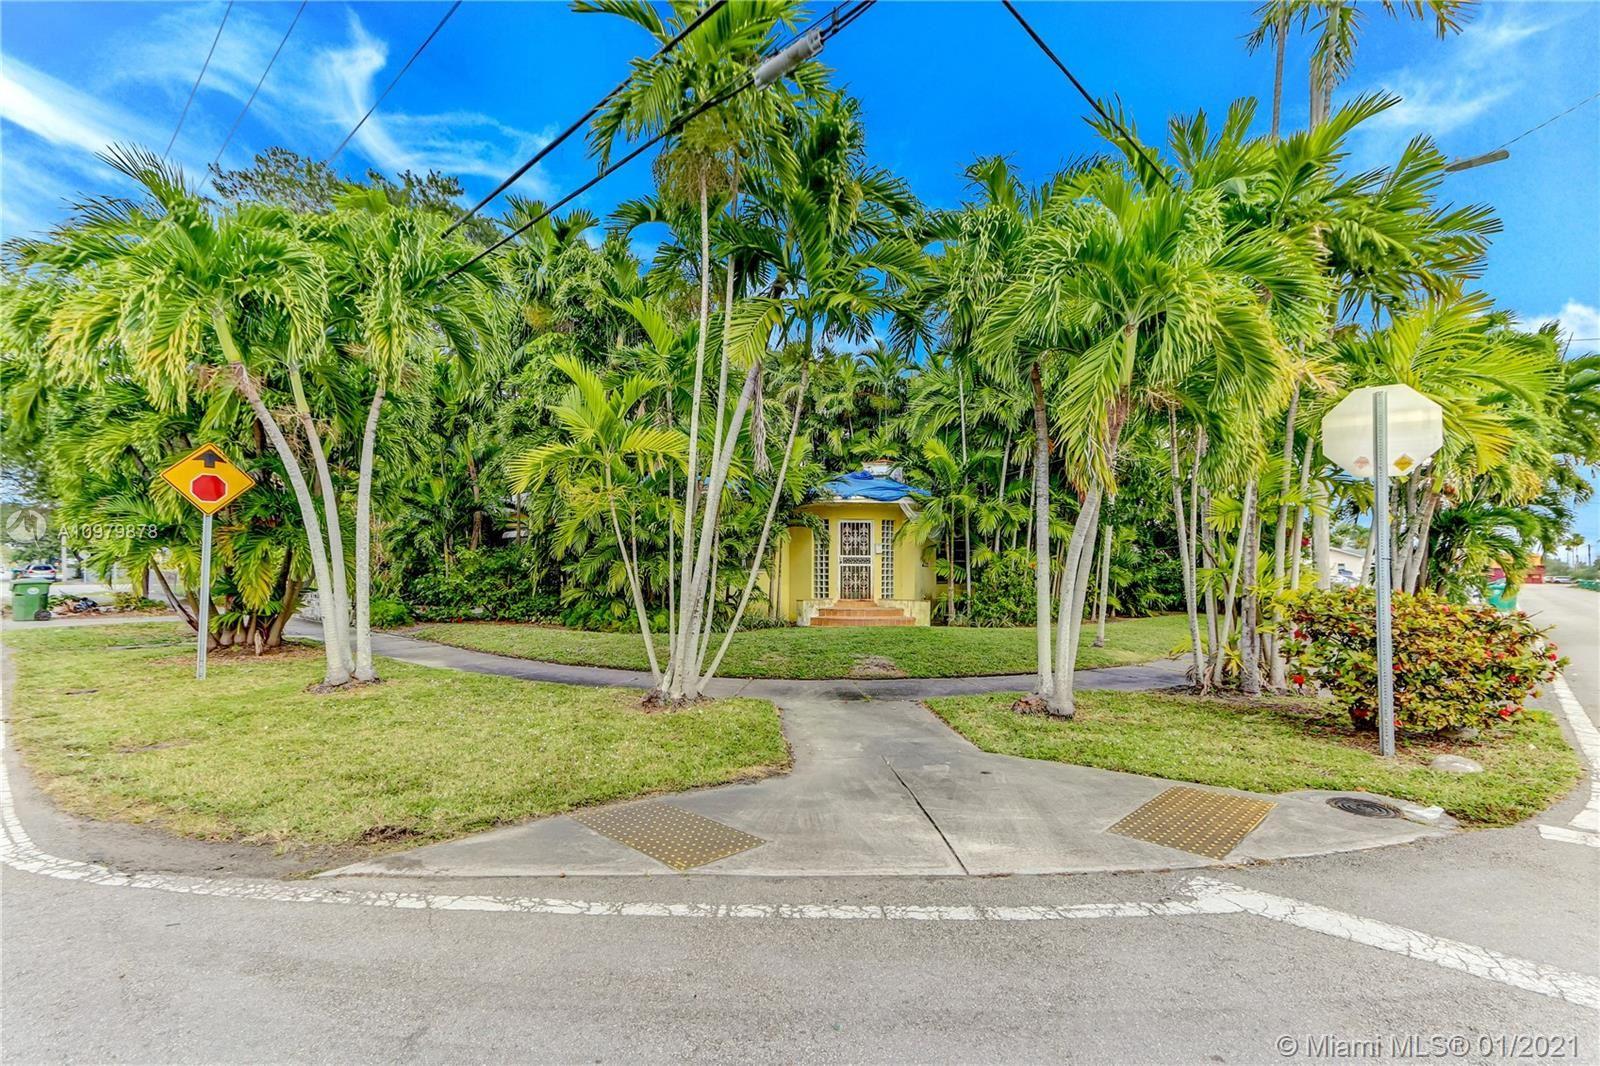 1791 NW 45th St, Miami, FL 33142 - #: A10979878